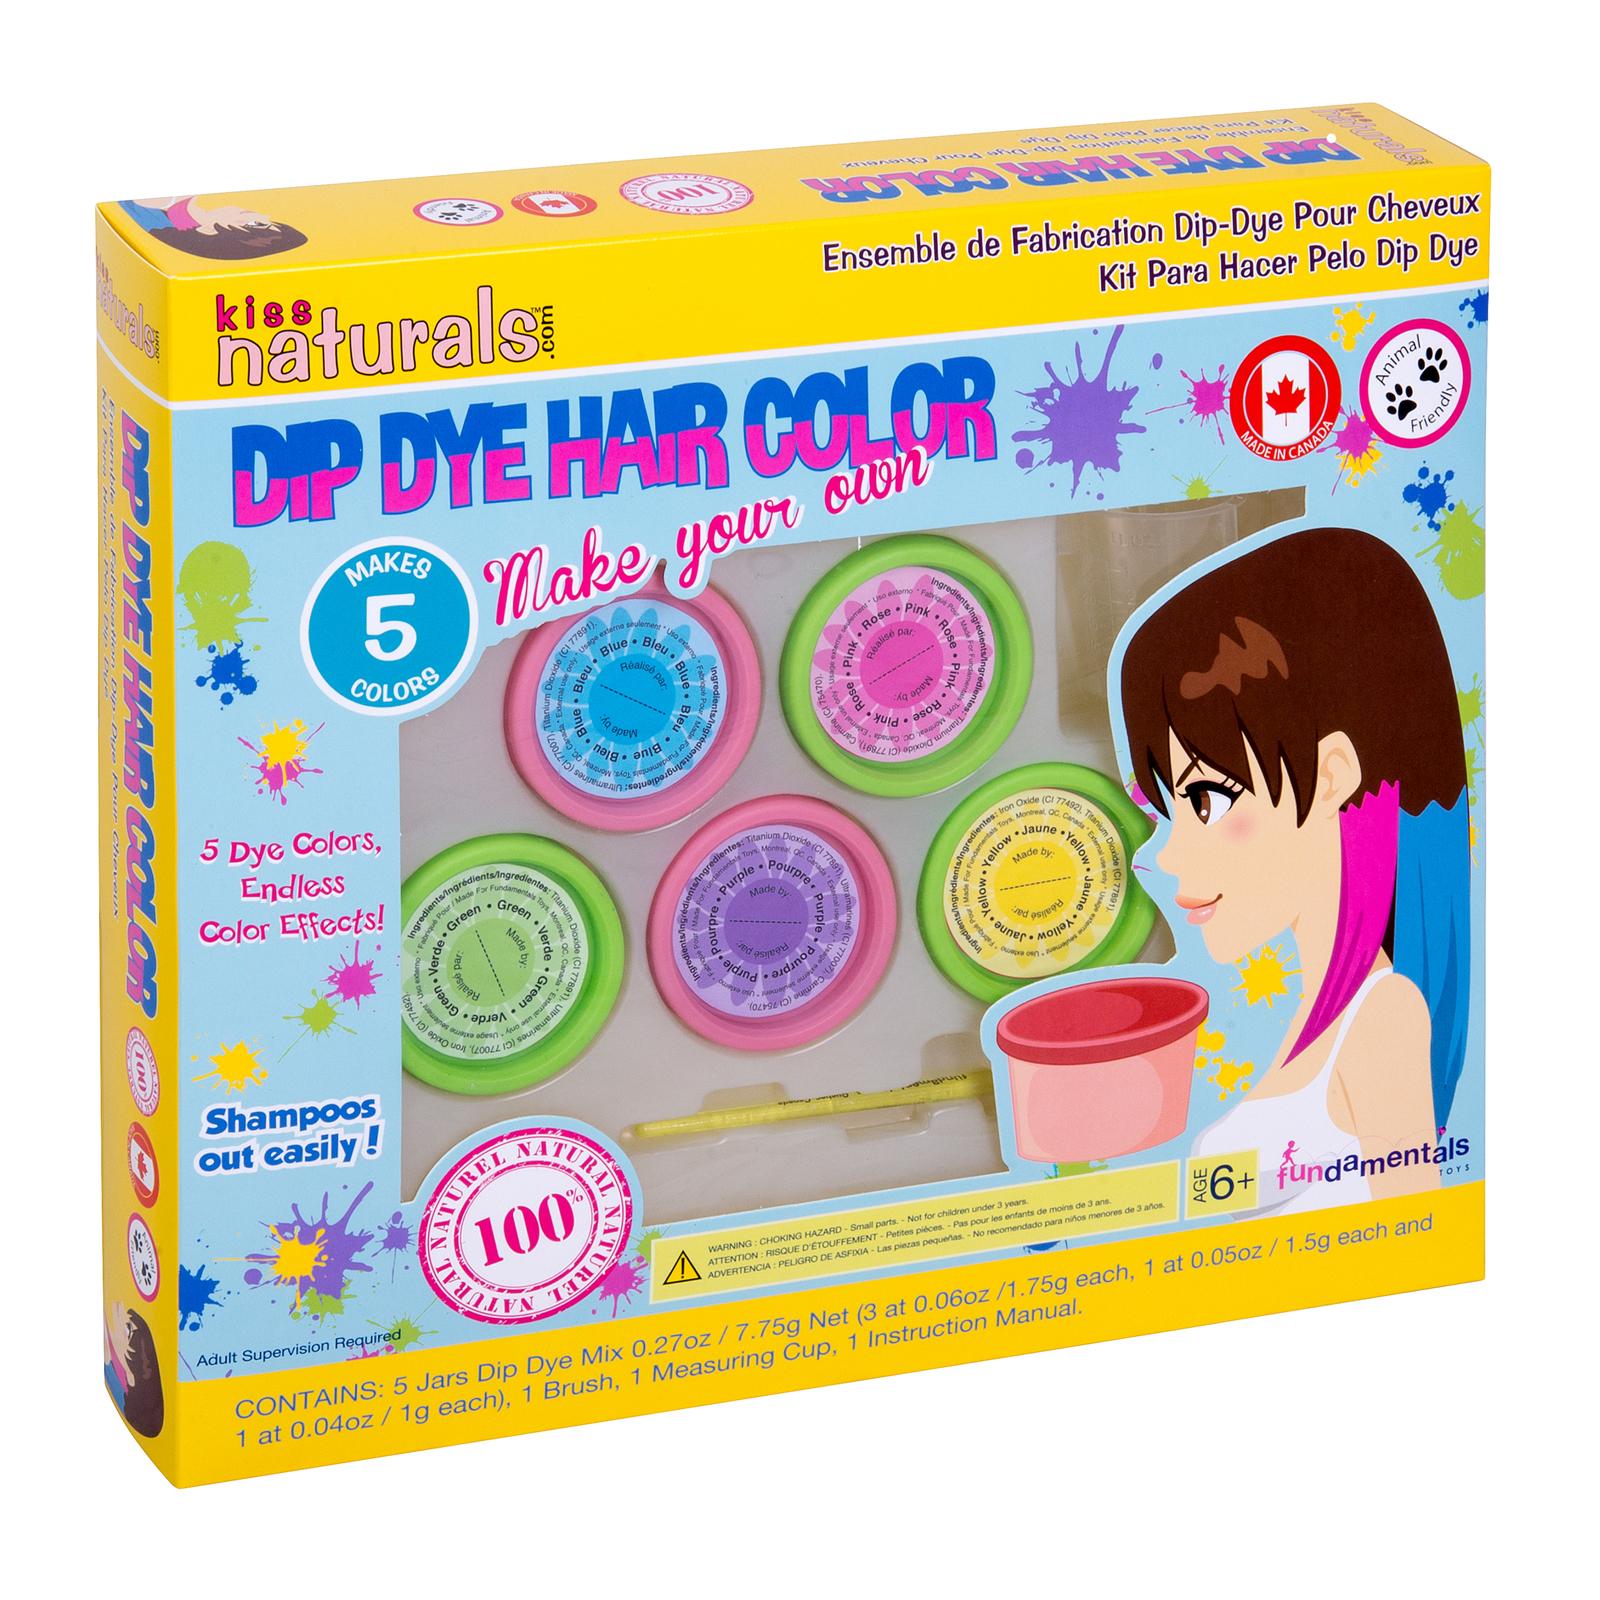 Fundamentals Toys Kiss Naturals DIY Hair Chalk Making Kit 05255414000